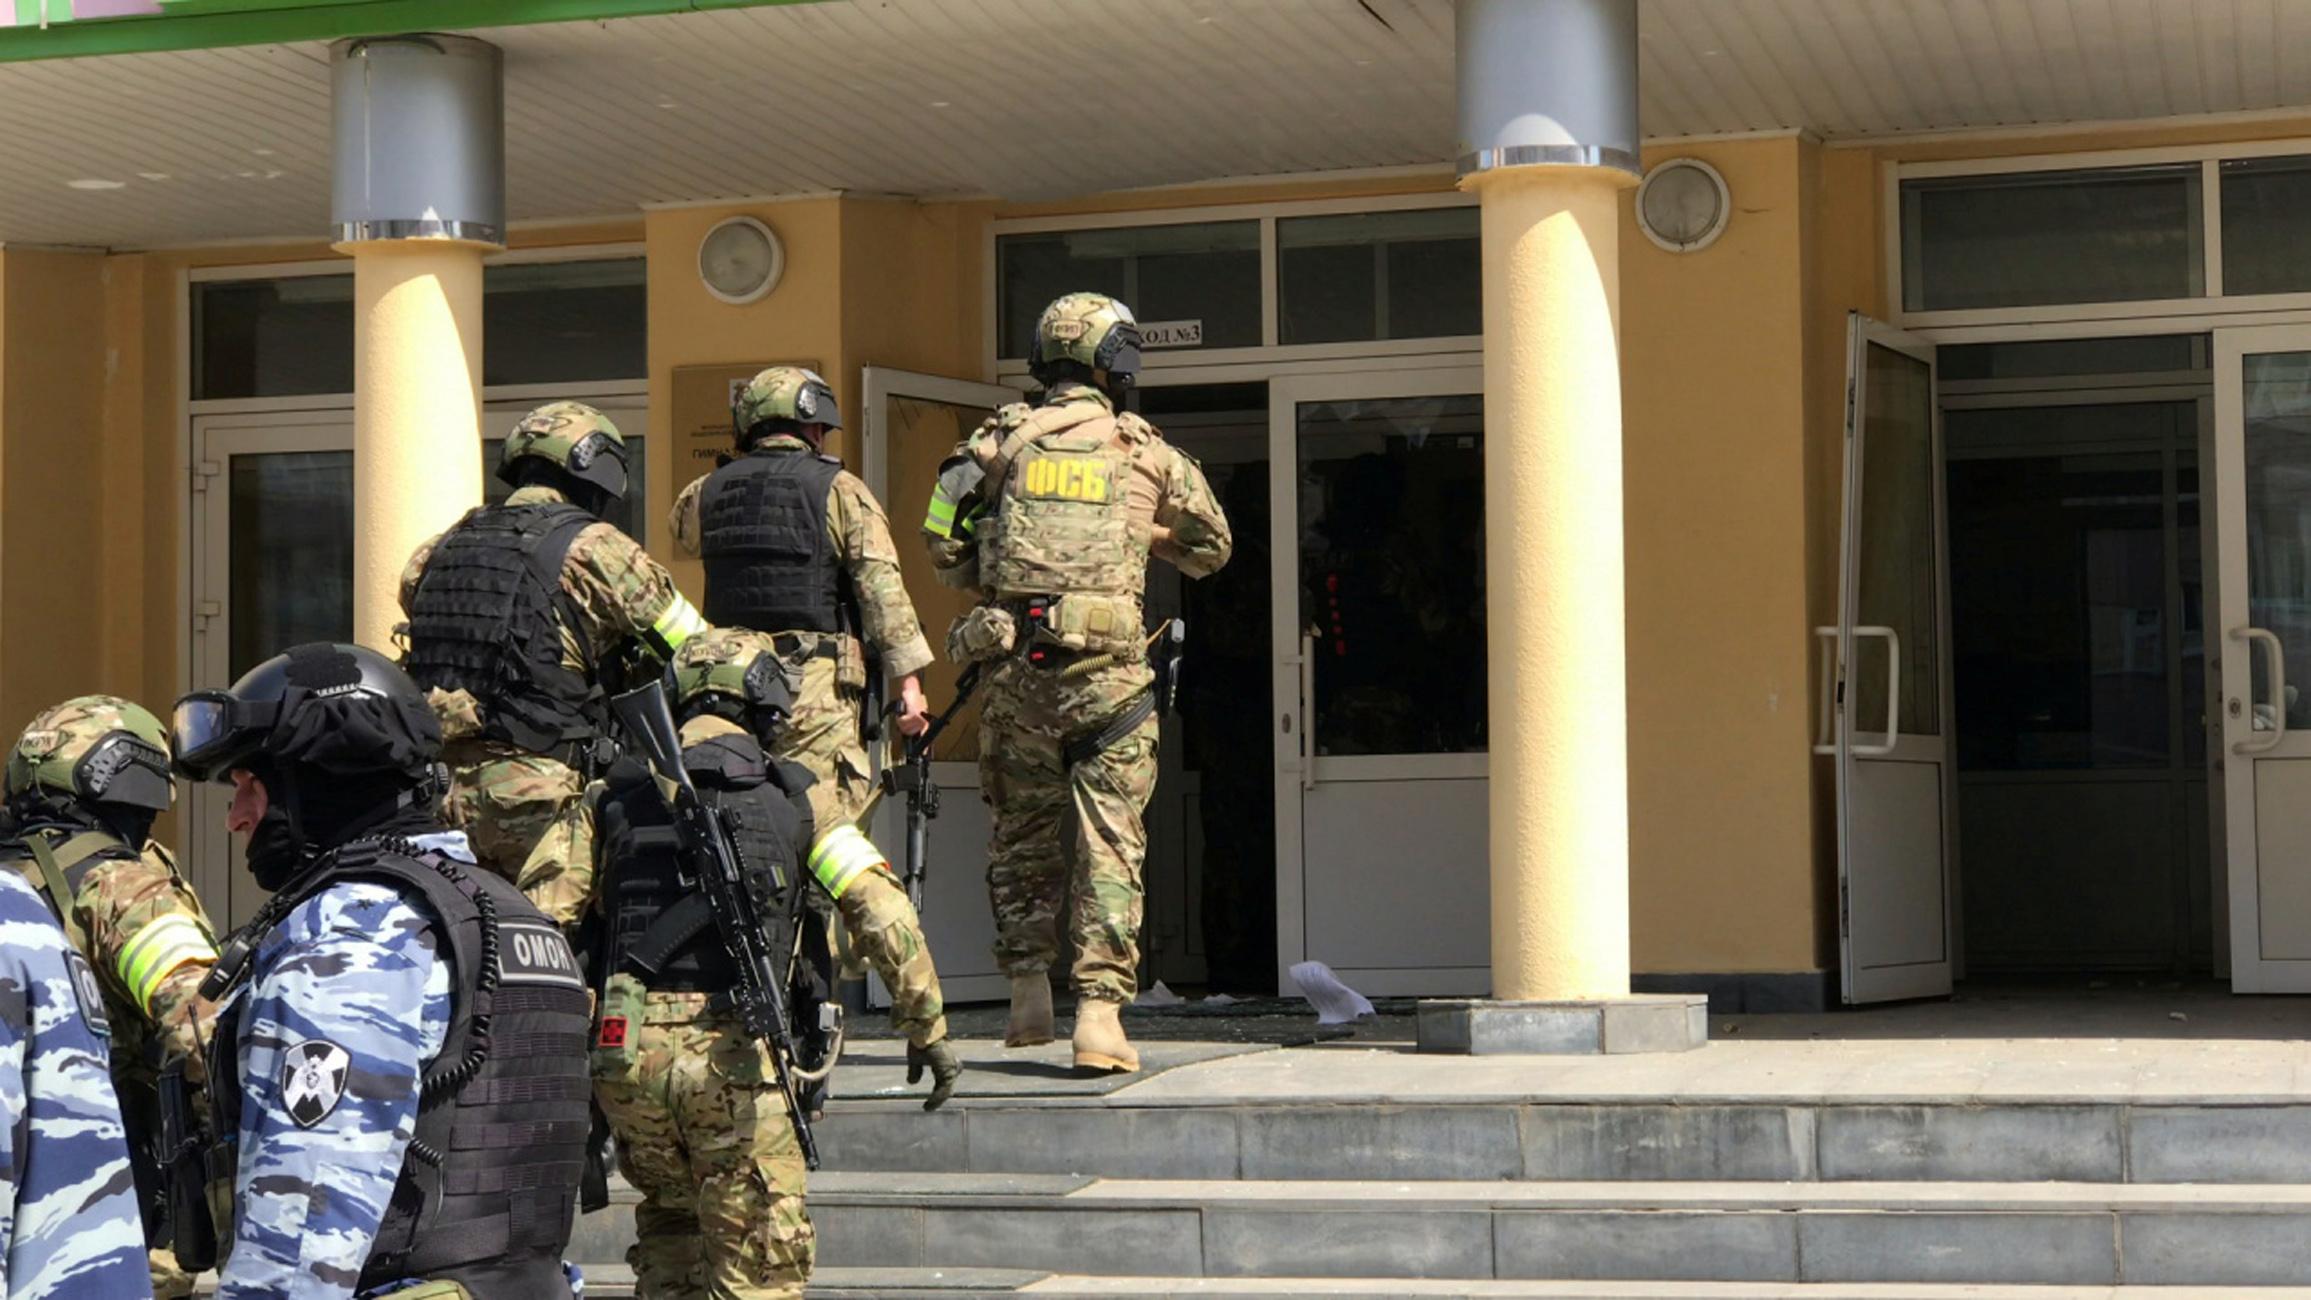 Μακελειό σε σχολείο στη Ρωσία: Συνελήφθη ο 19χρονος δράστης – Είχε διαγραφεί από το κολλέγιο που φοιτούσε